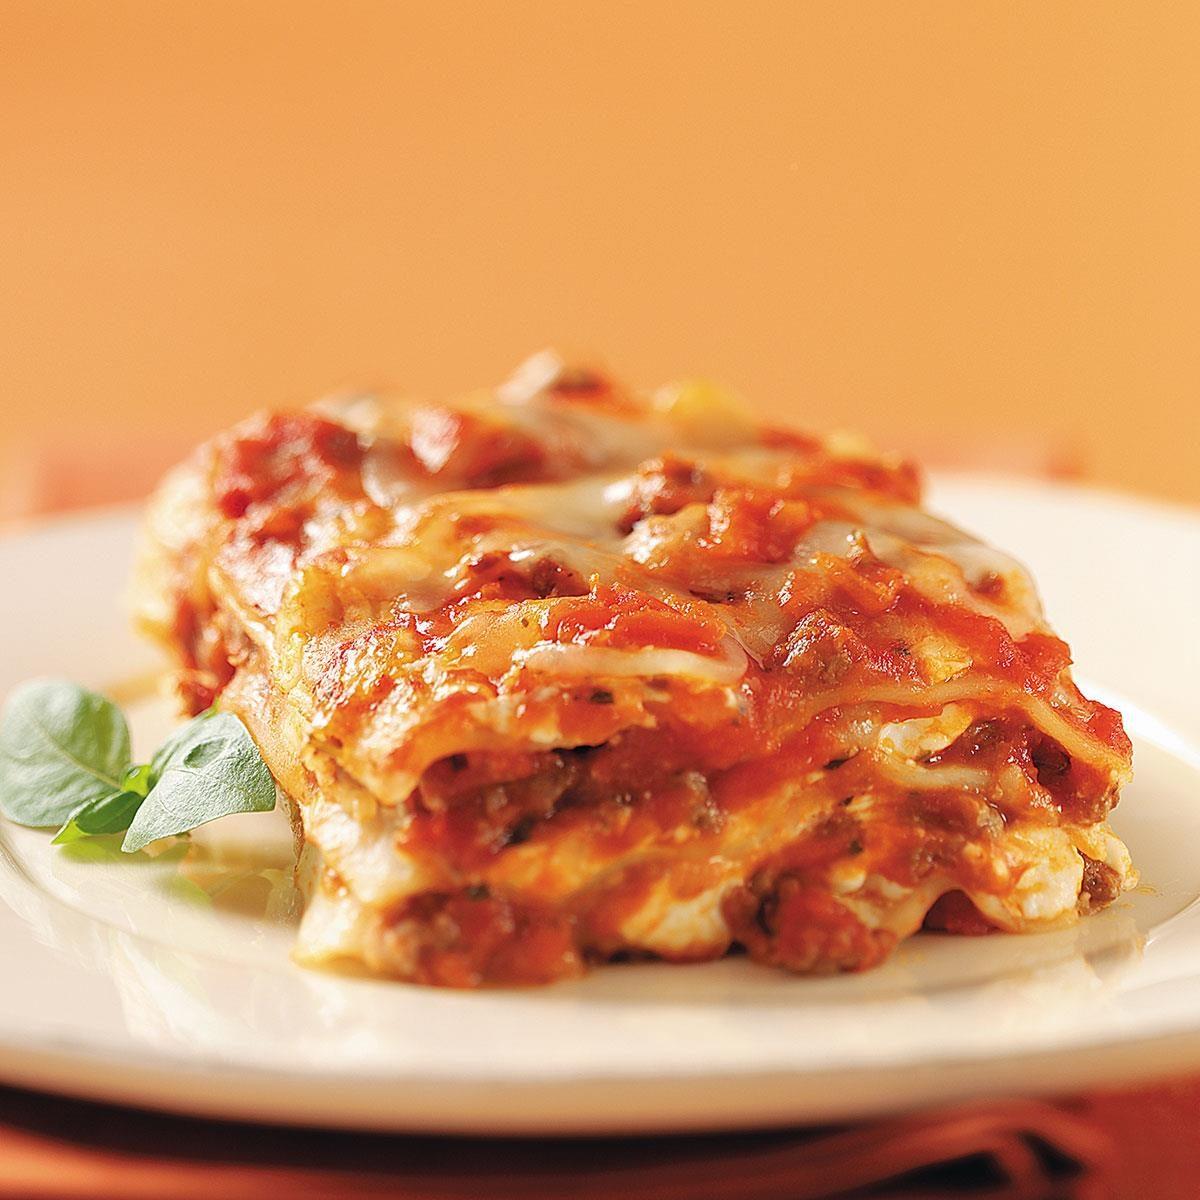 cream cheese in lasagna